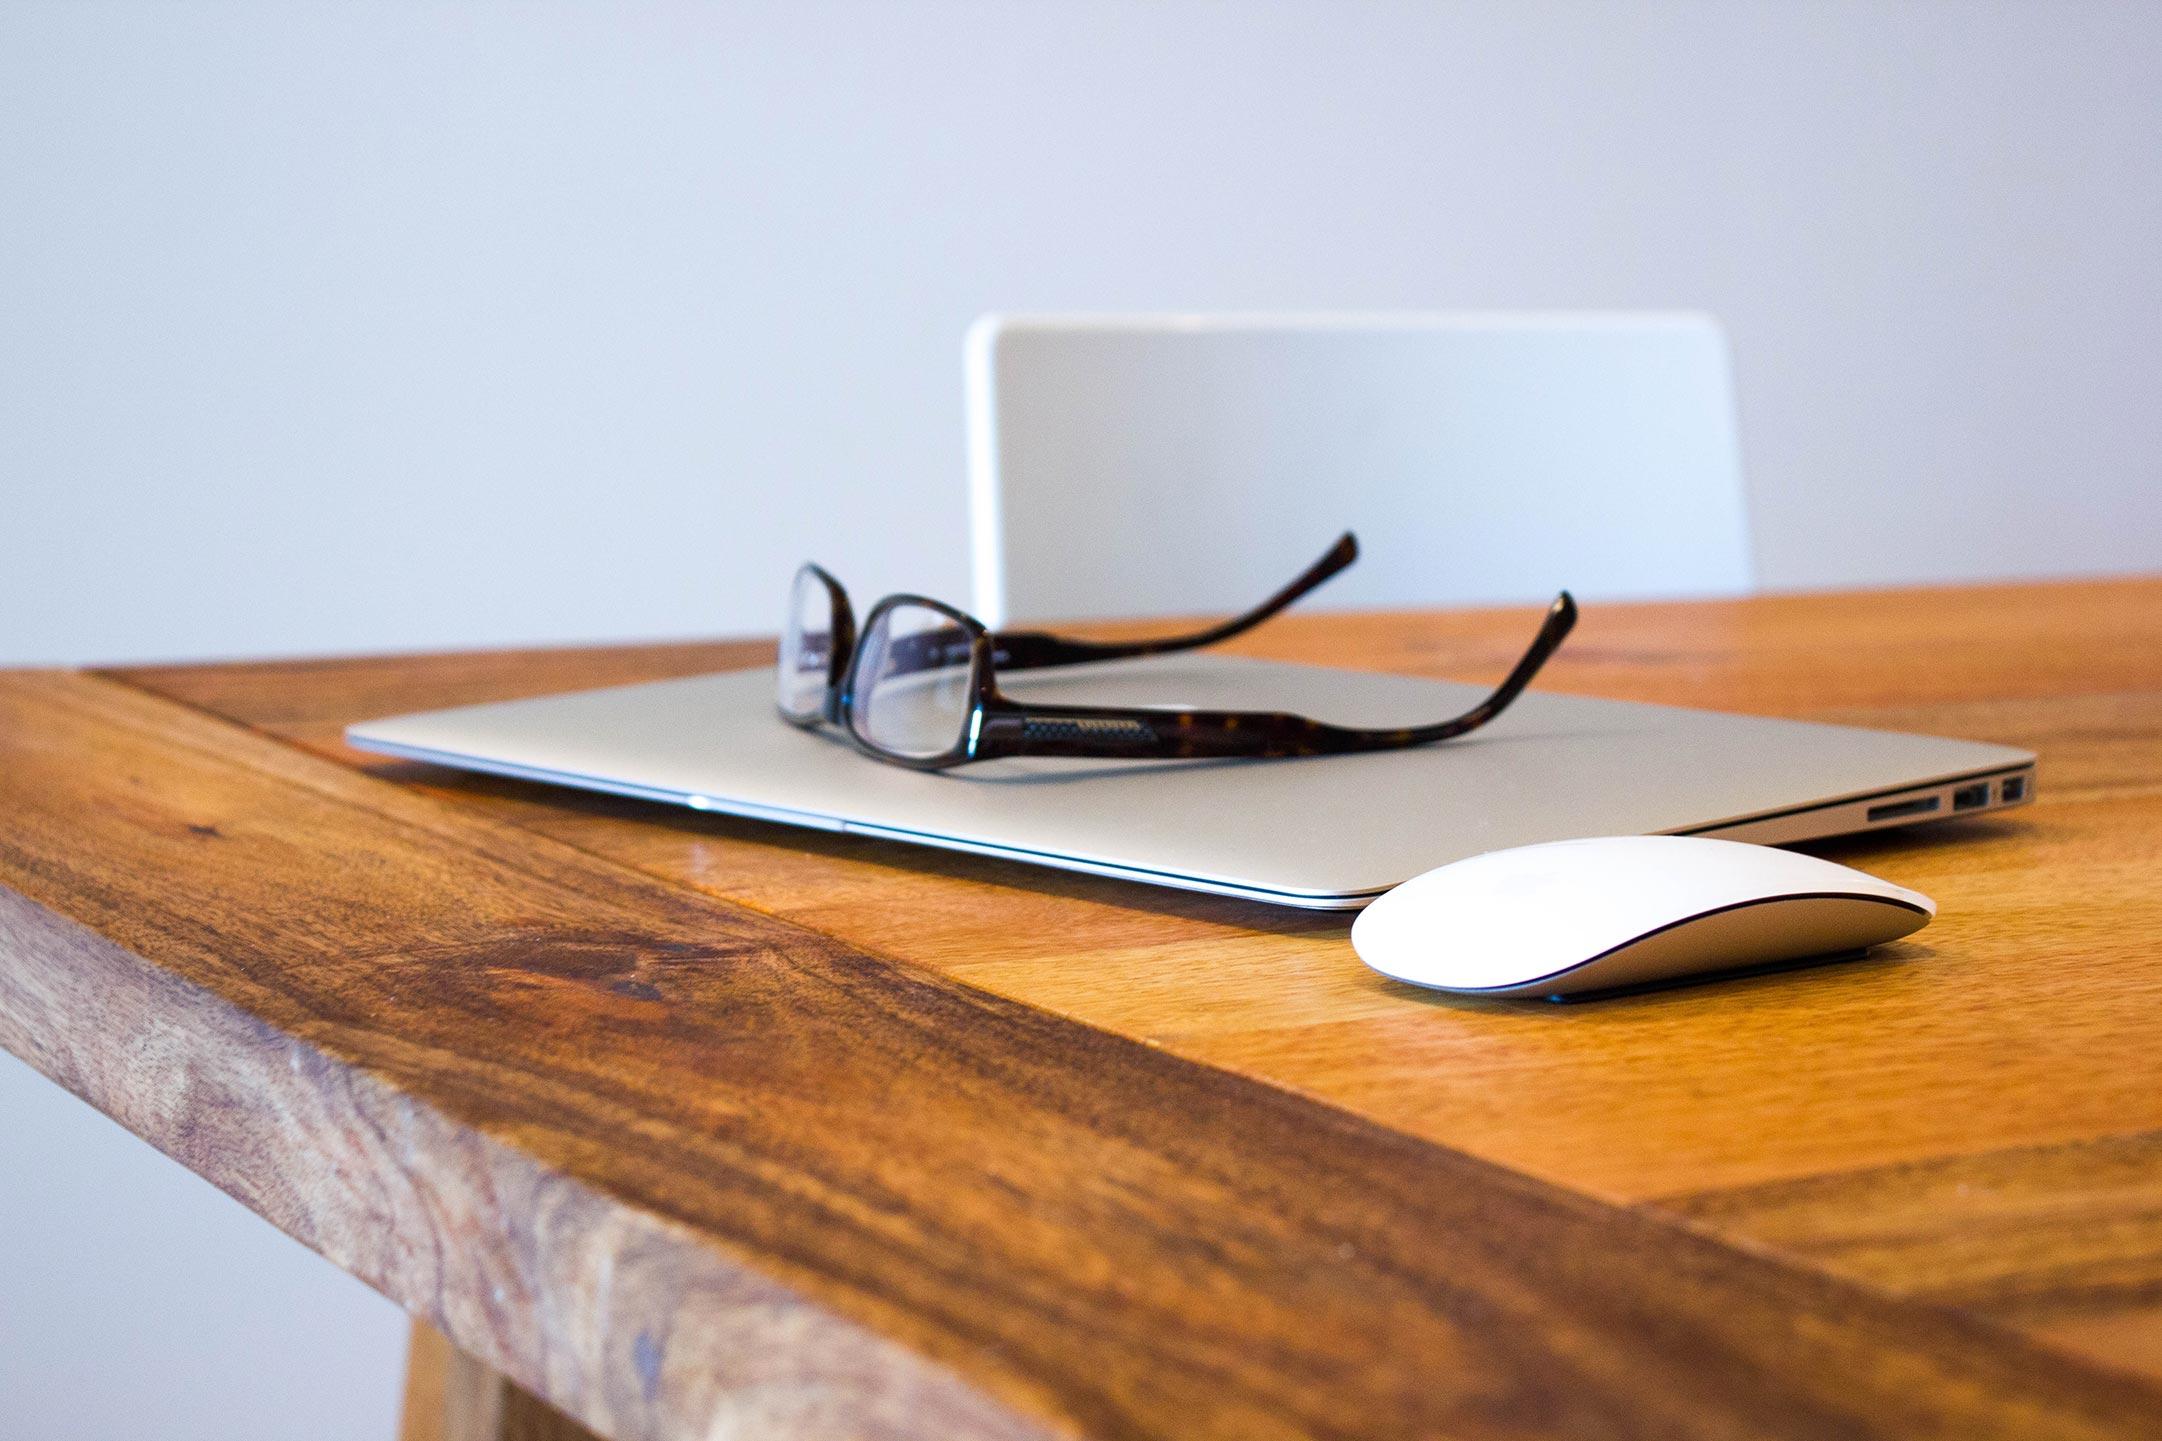 Κατασκευή ιστοσελίδων και ηλεκτρονικών καταστημάτων